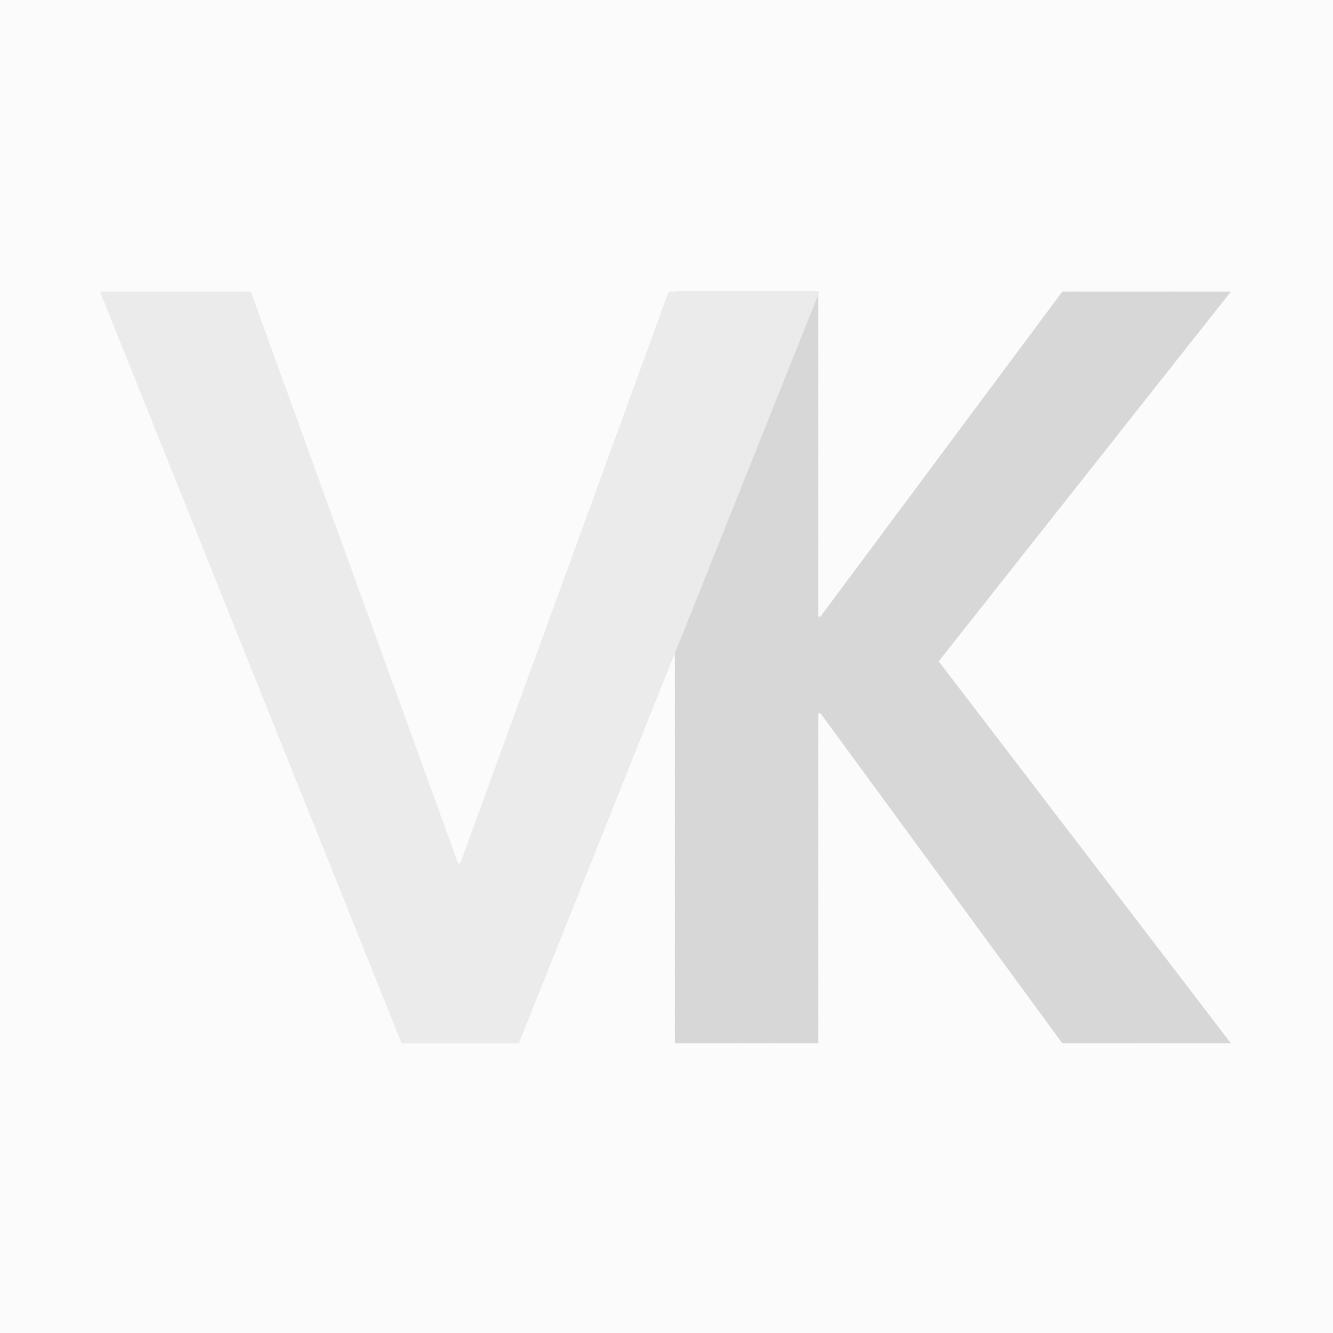 Kyone 1500 Kappersschaar 6.0